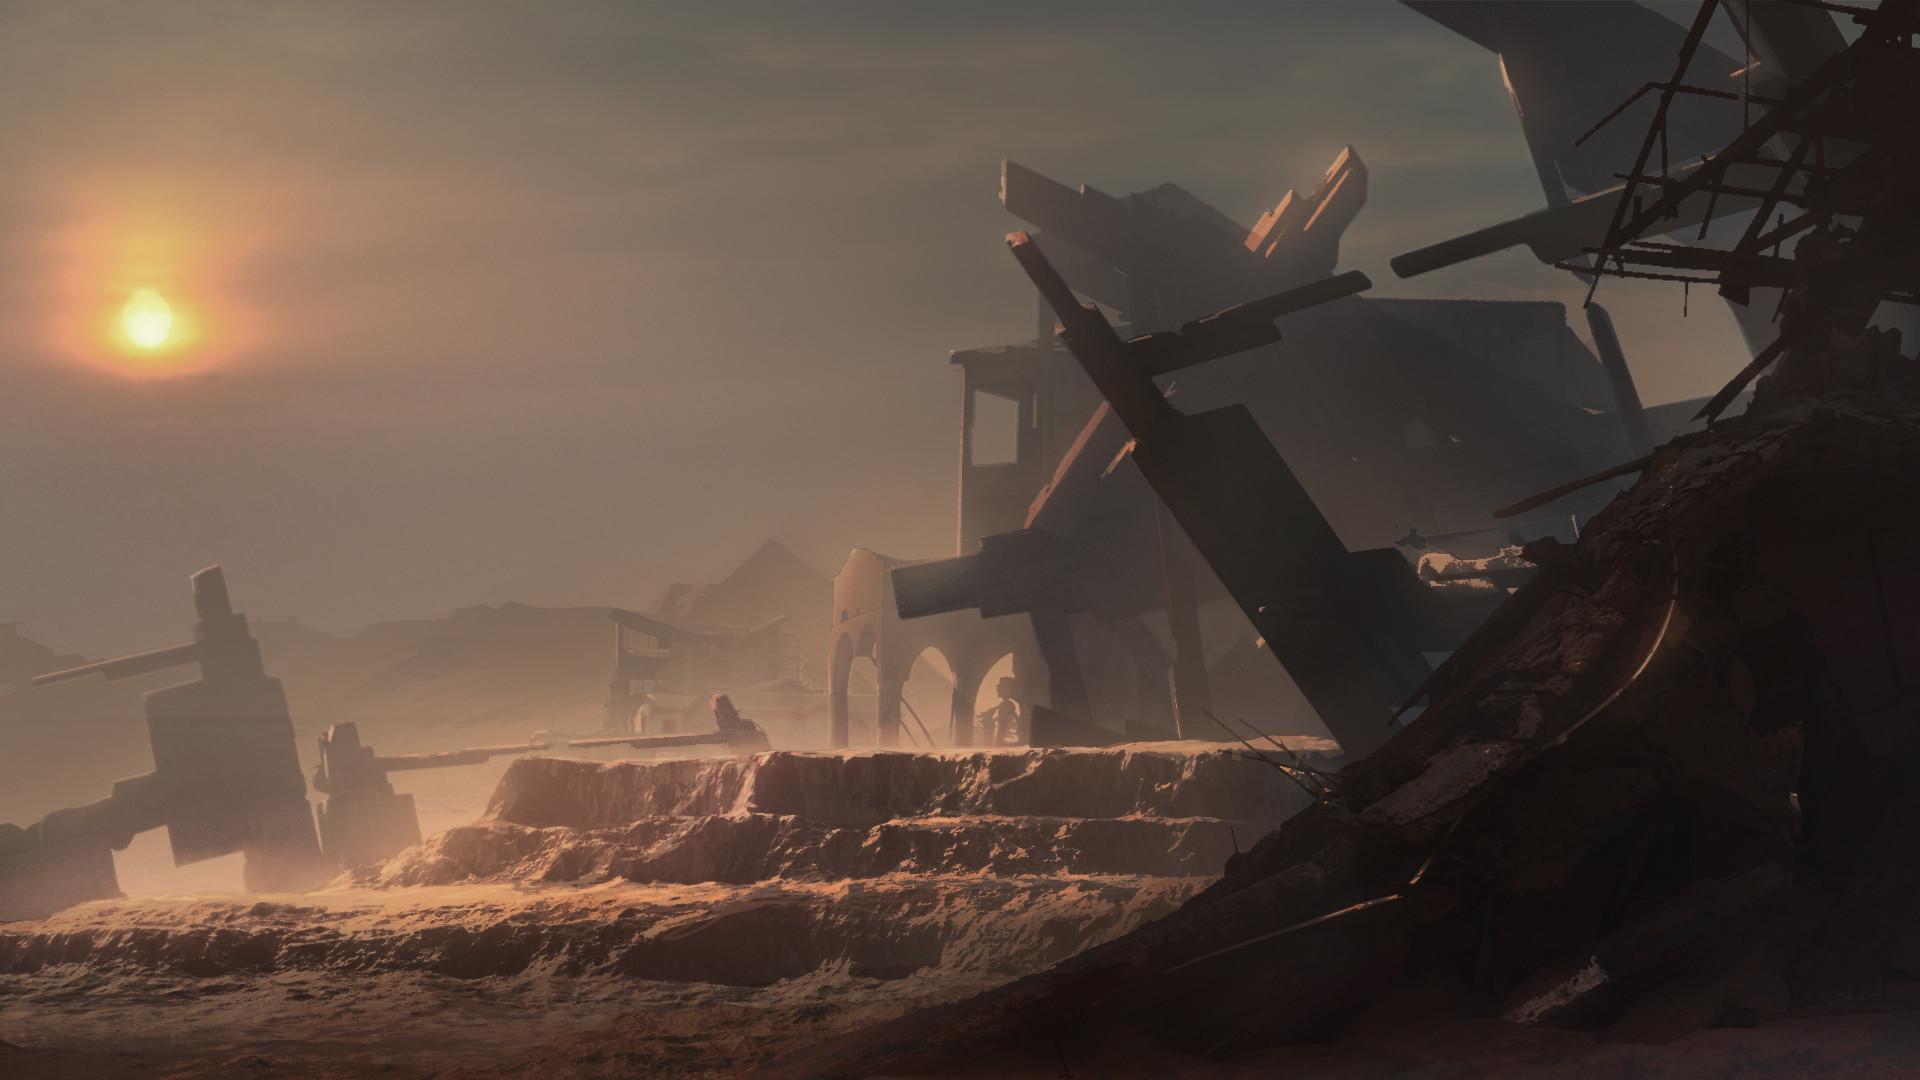 Godwin akpan ruins 2b